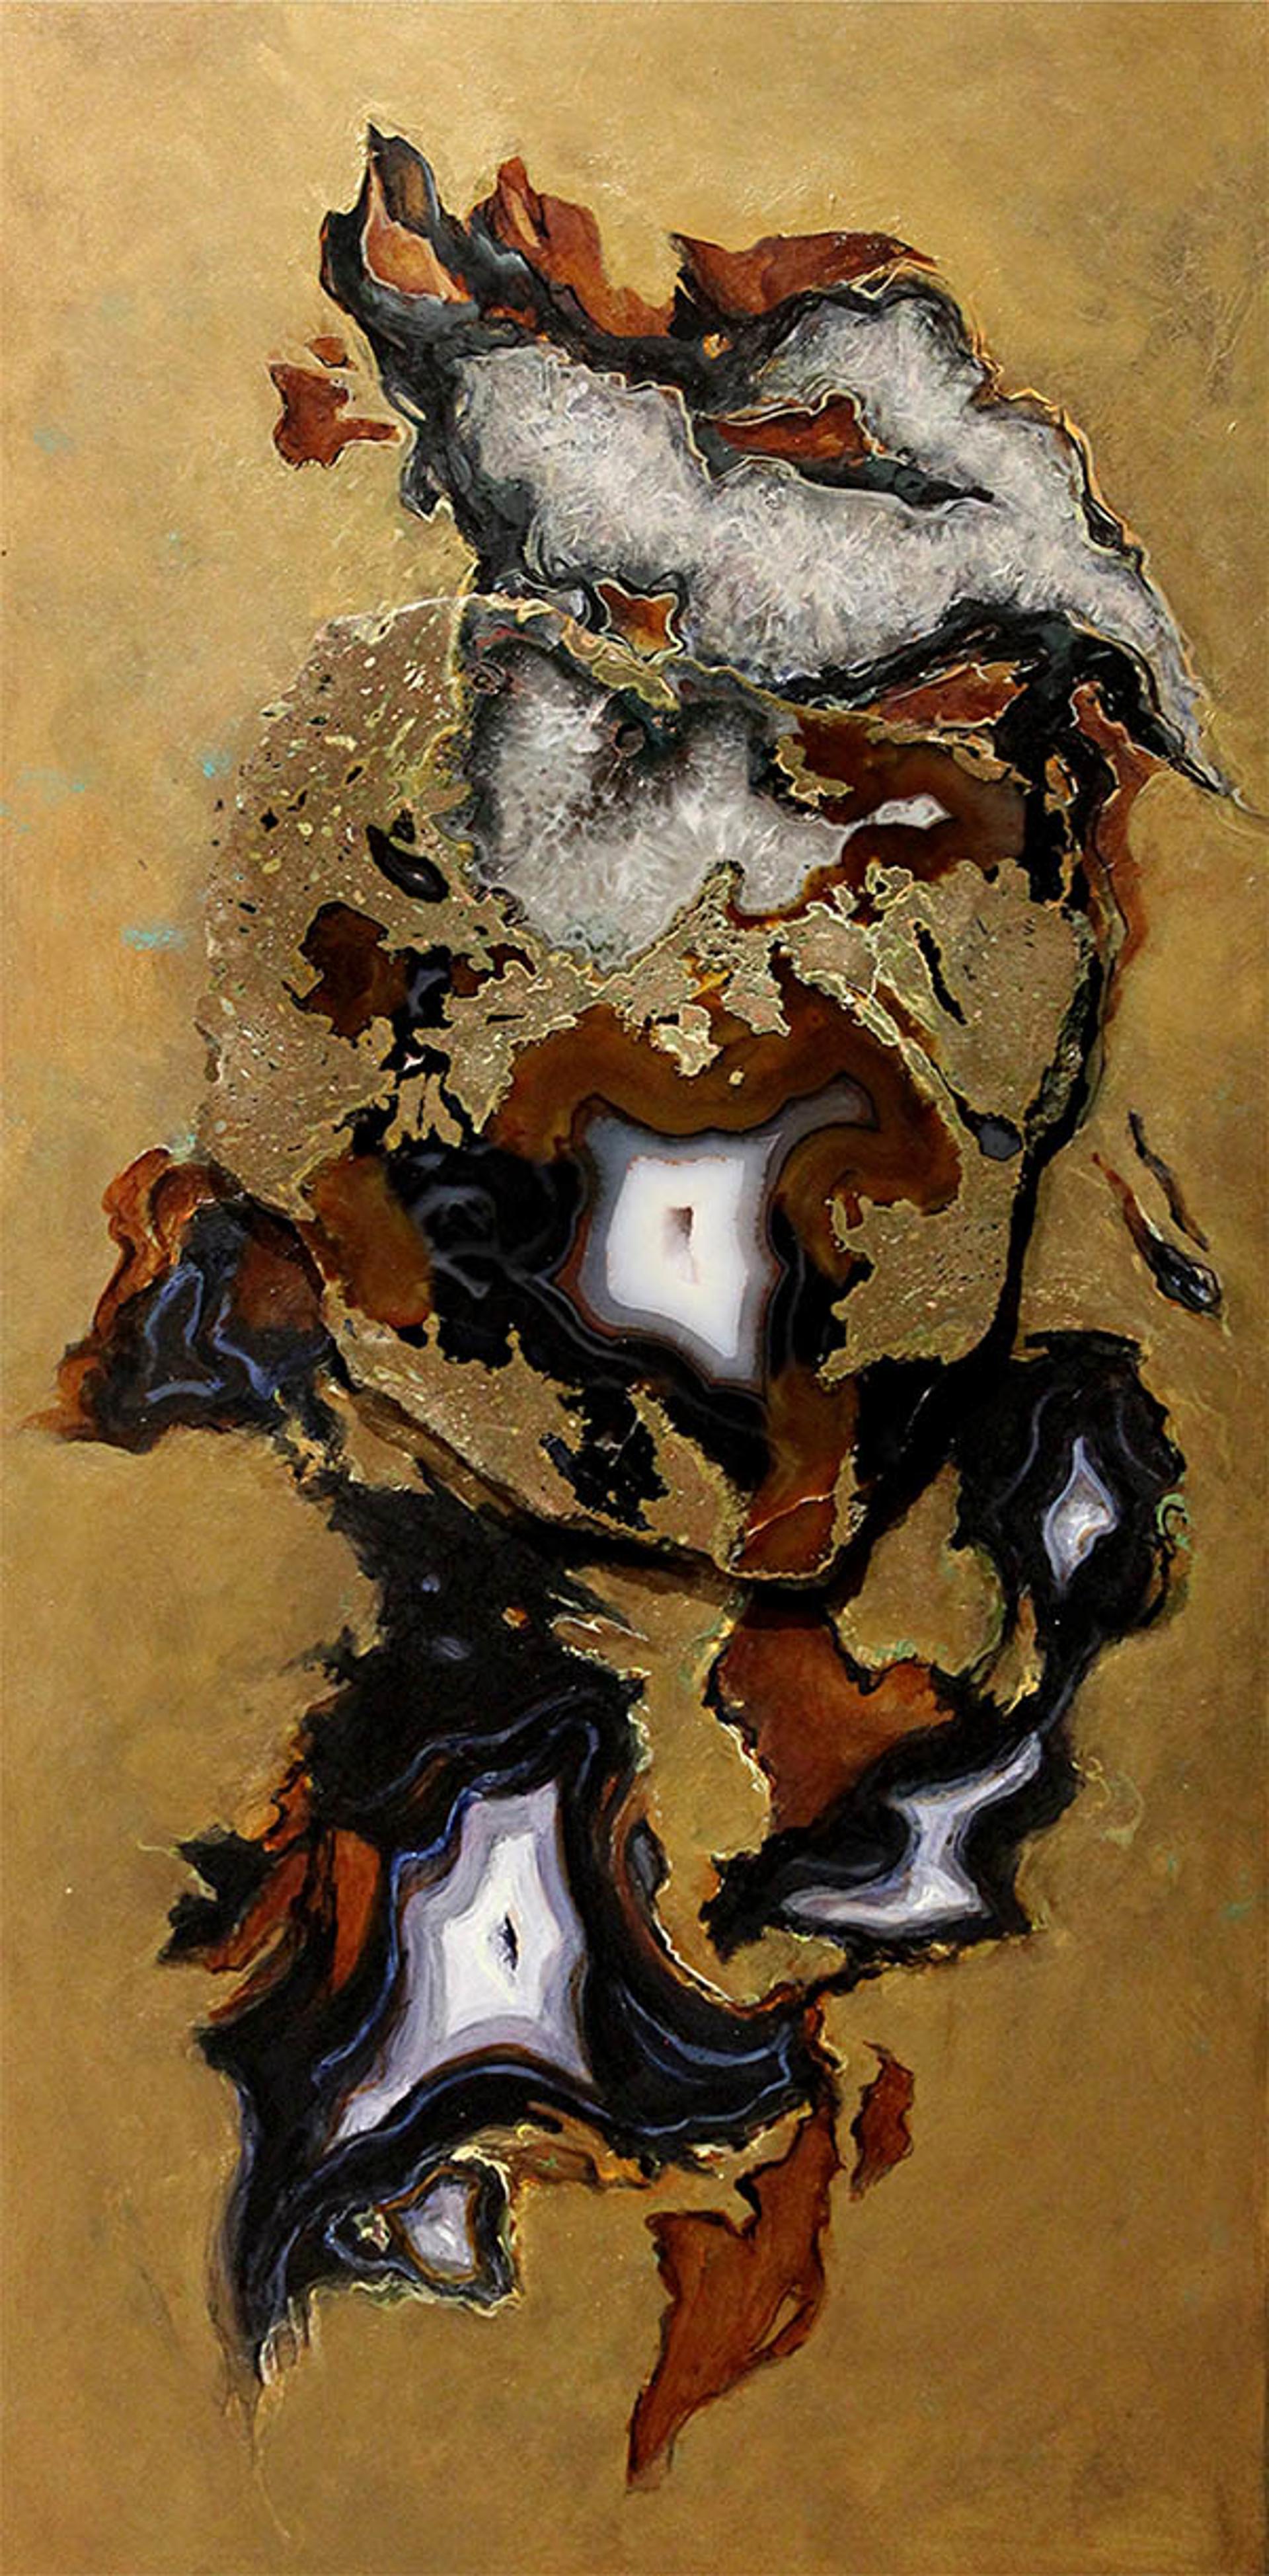 Bronze Age by Redhawk Mallet